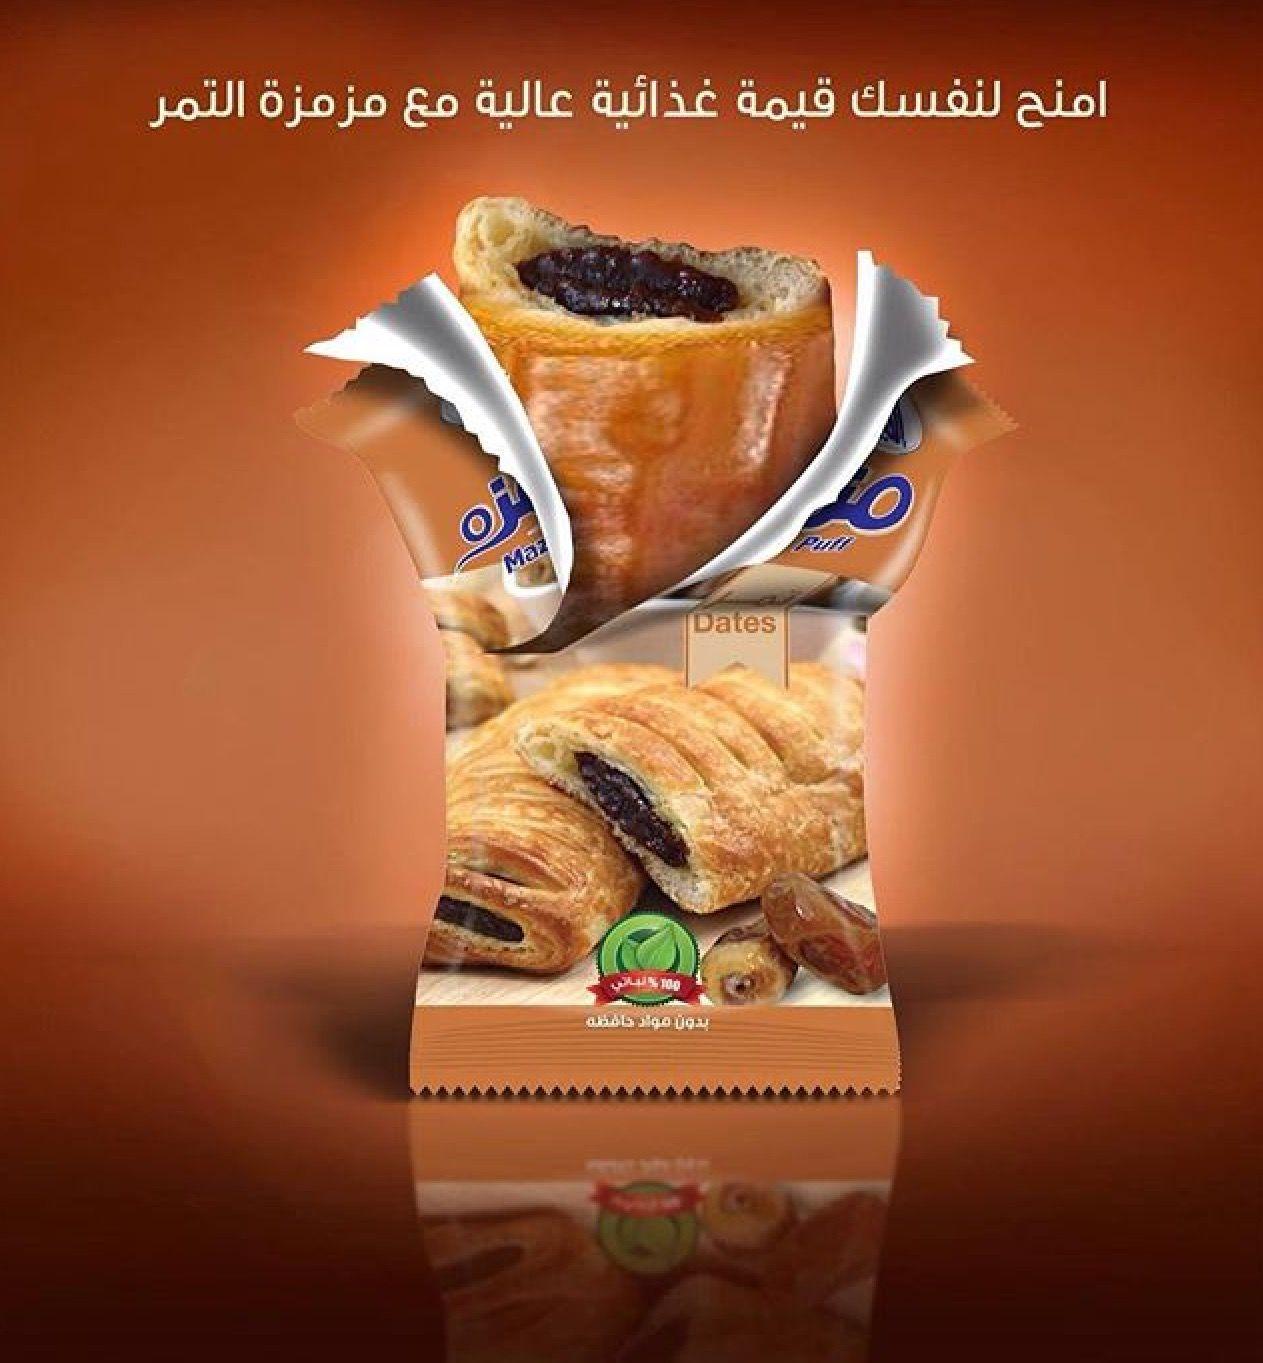 امنح لنفسك قيمة غذائية عالية مع مزمزة التمر Miniature Food Bakery Food